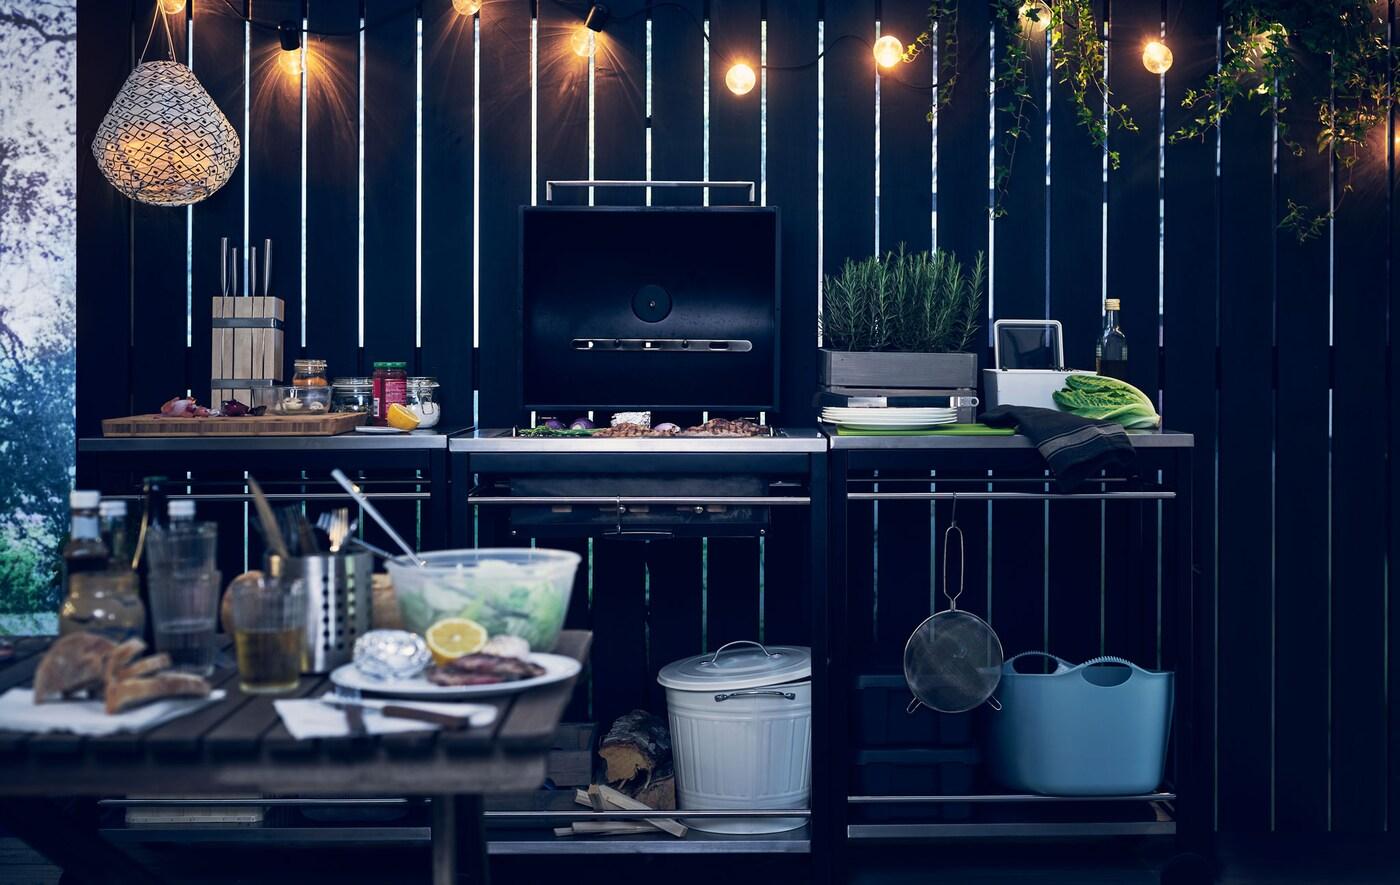 une cuisine exterieure geniale ikea